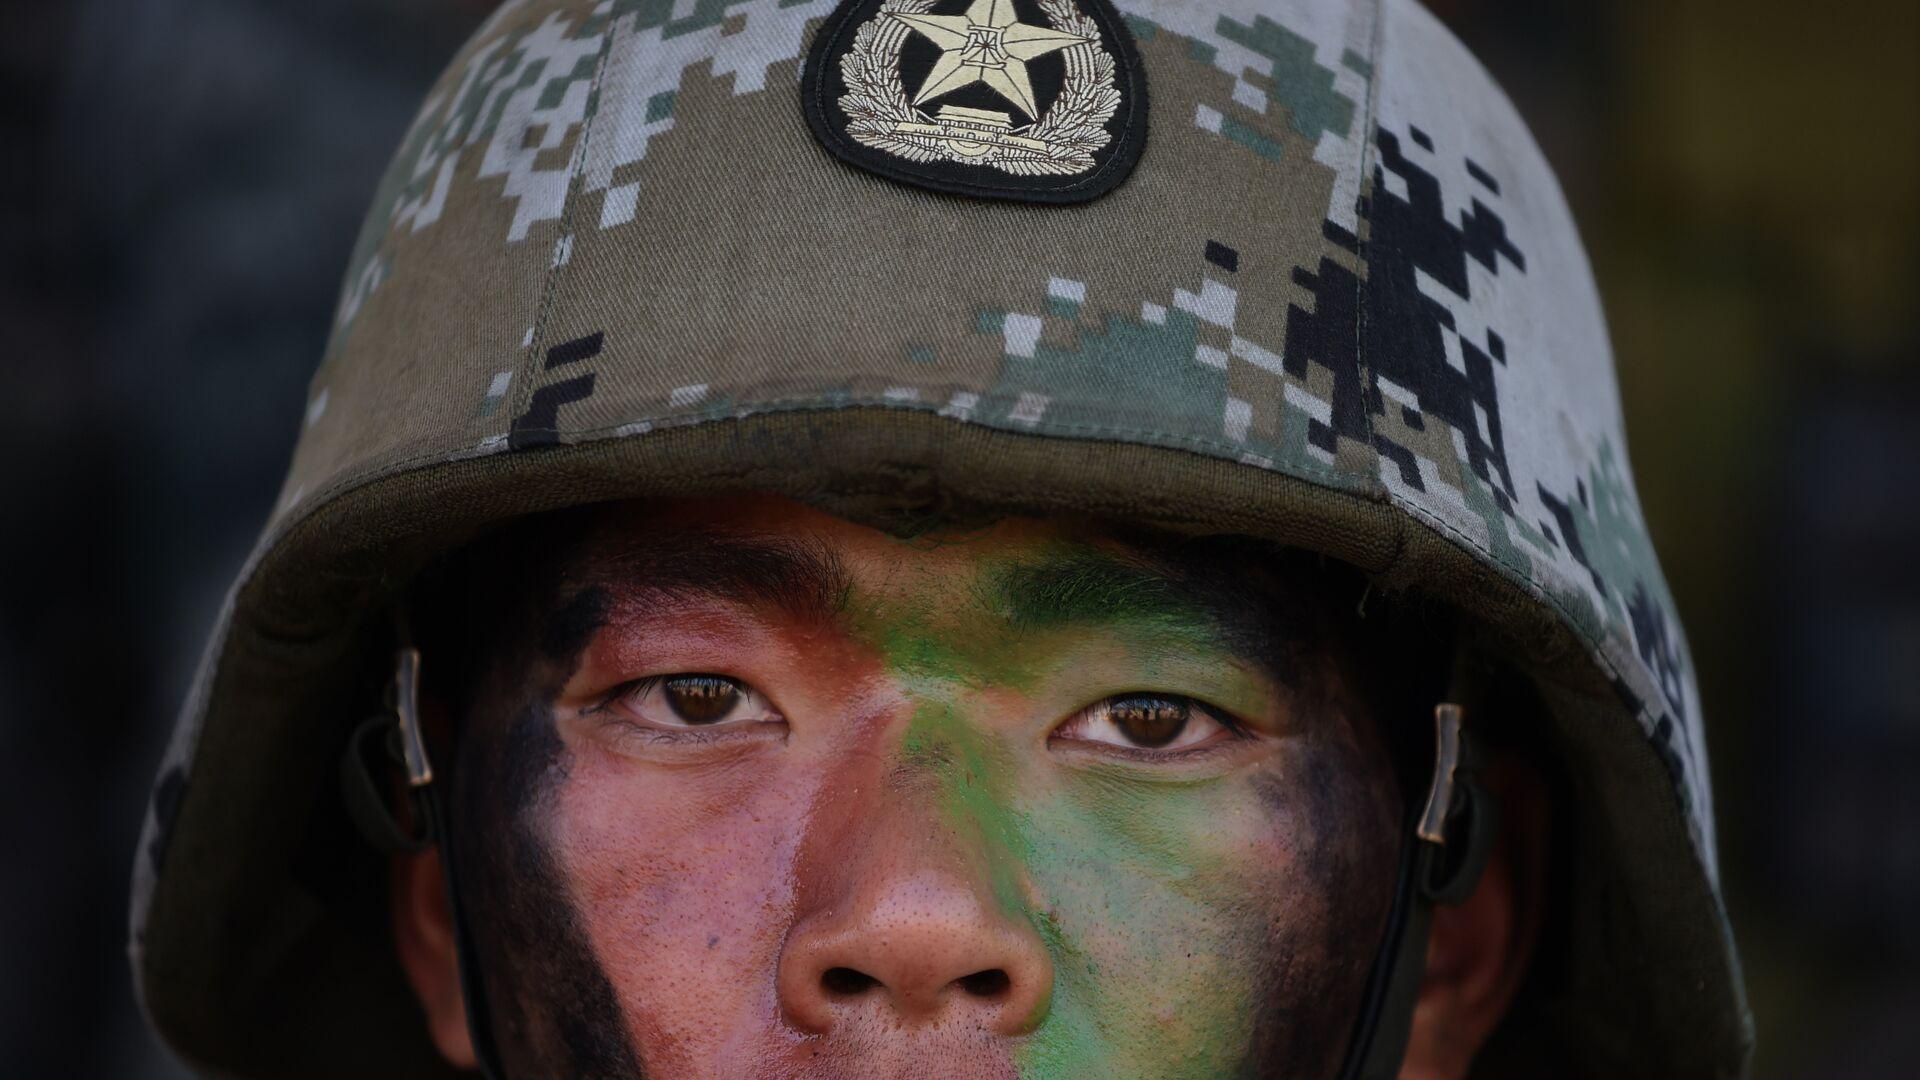 Soldado del Ejército de China (imagen referencial) - Sputnik Mundo, 1920, 21.02.2021